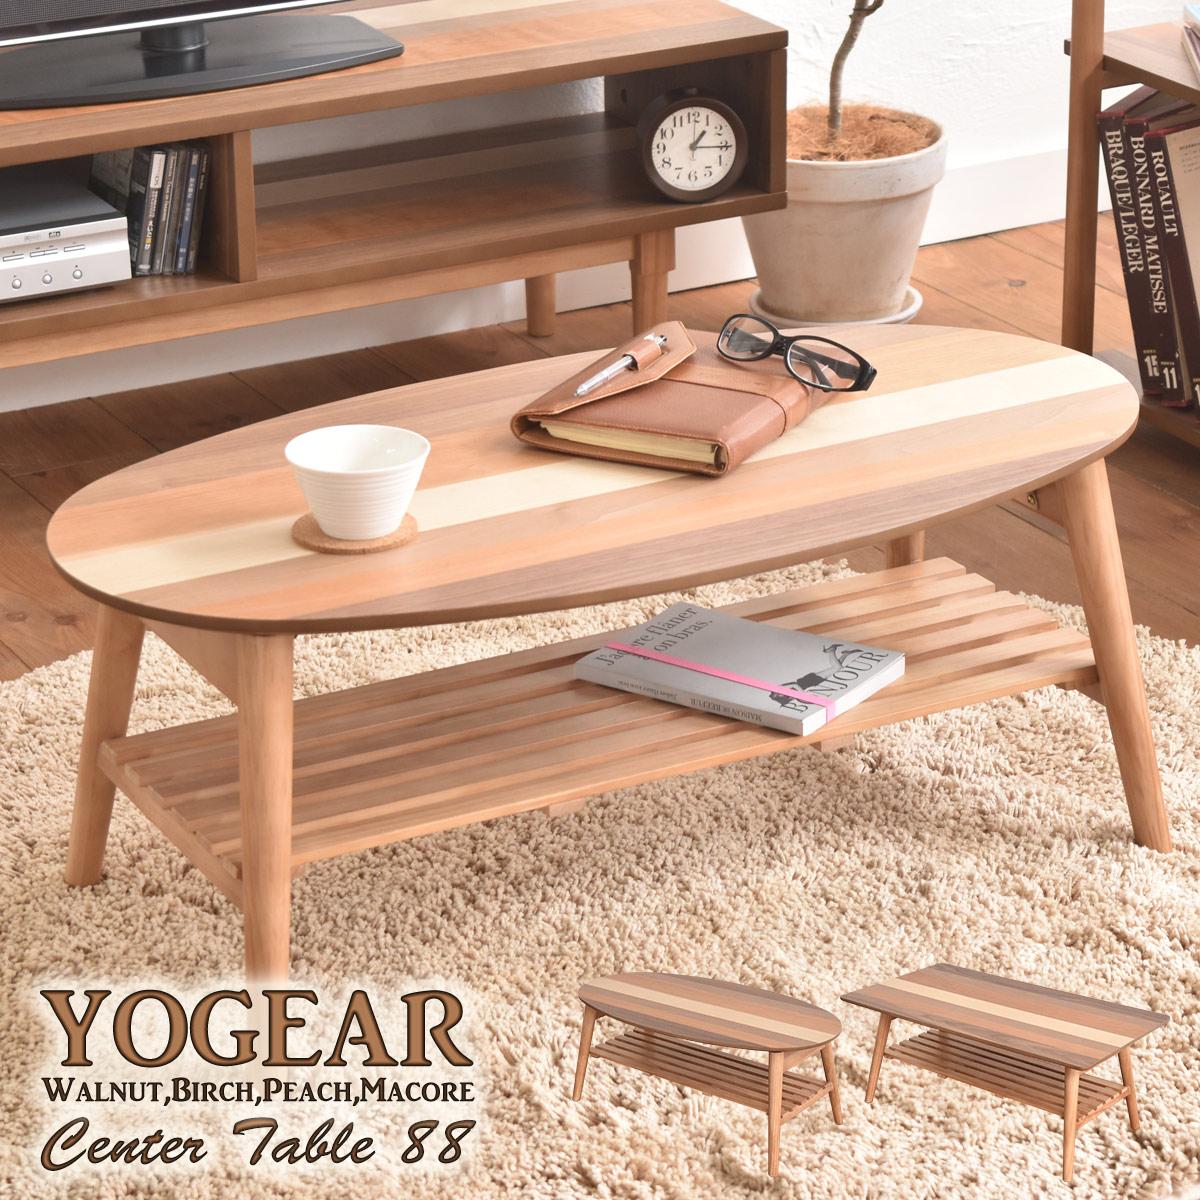 テーブル 折りたたみ テーブル ウォールナット センターテーブル ローテーブル リビングテーブル 北欧 折りたたみテーブル 木製 折れ脚 天然木 可愛い おしゃれ 折り畳み式 オーバル スクエア